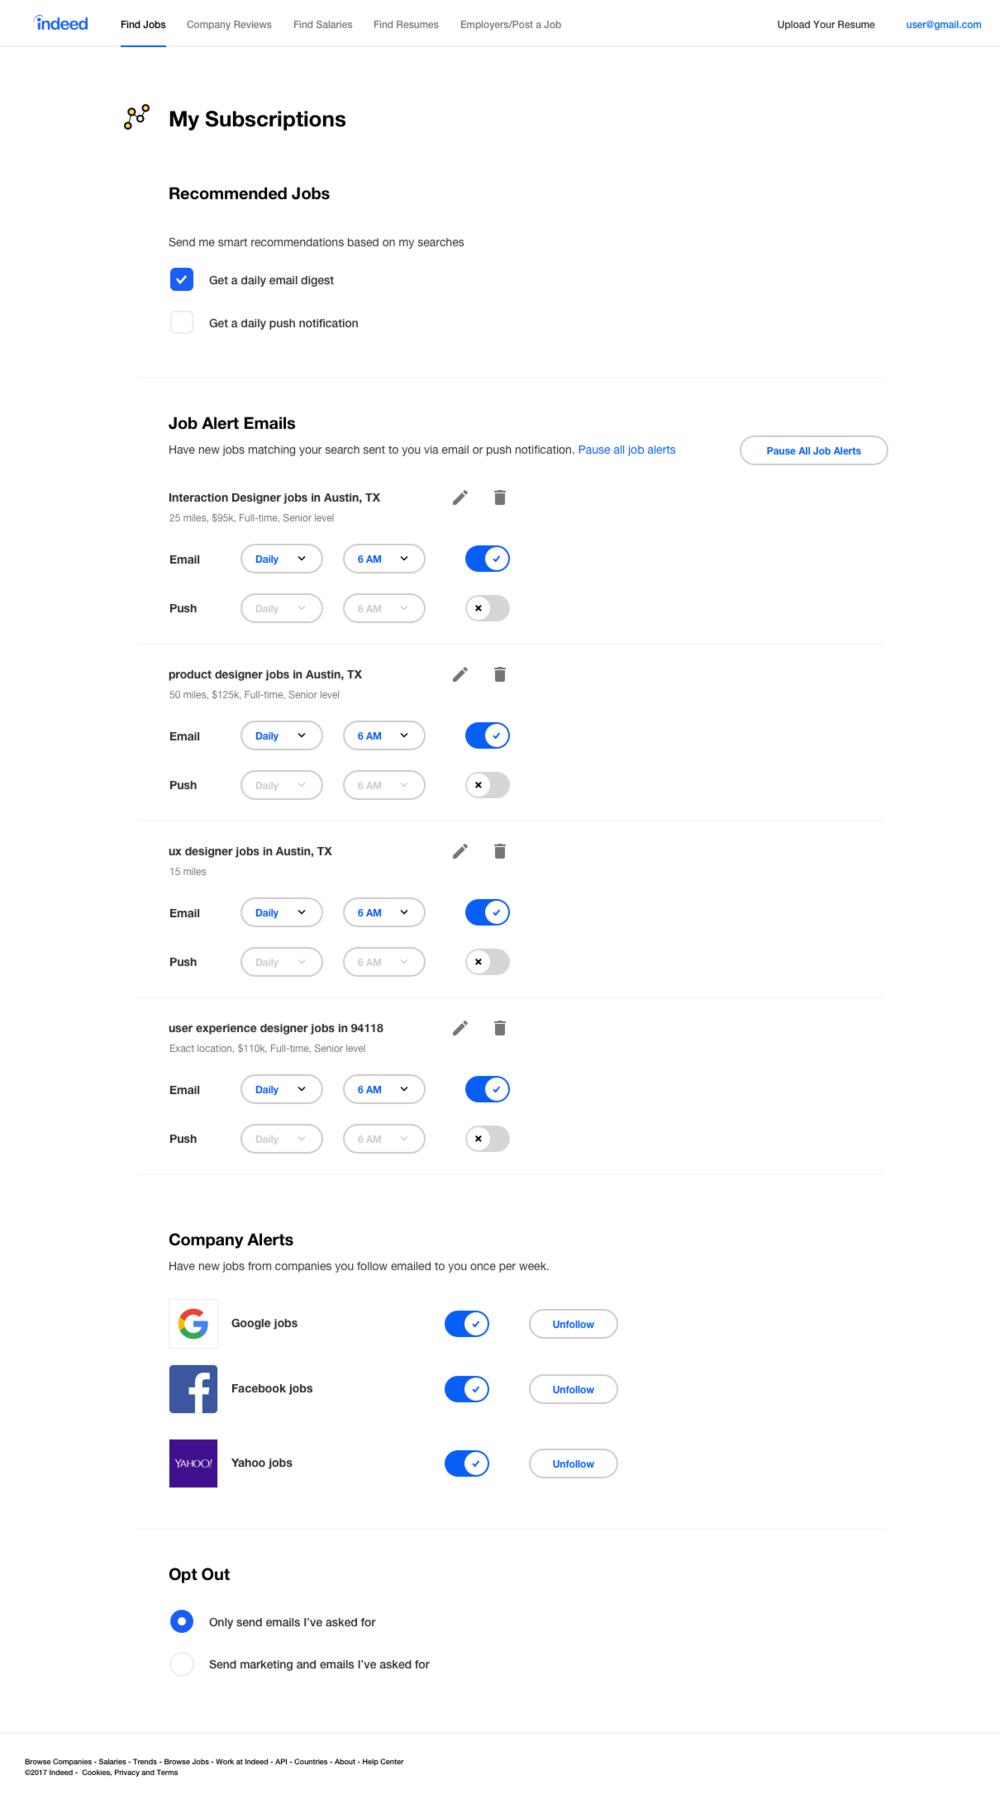 Subway Web App 2.0 V2 Copy 6.png